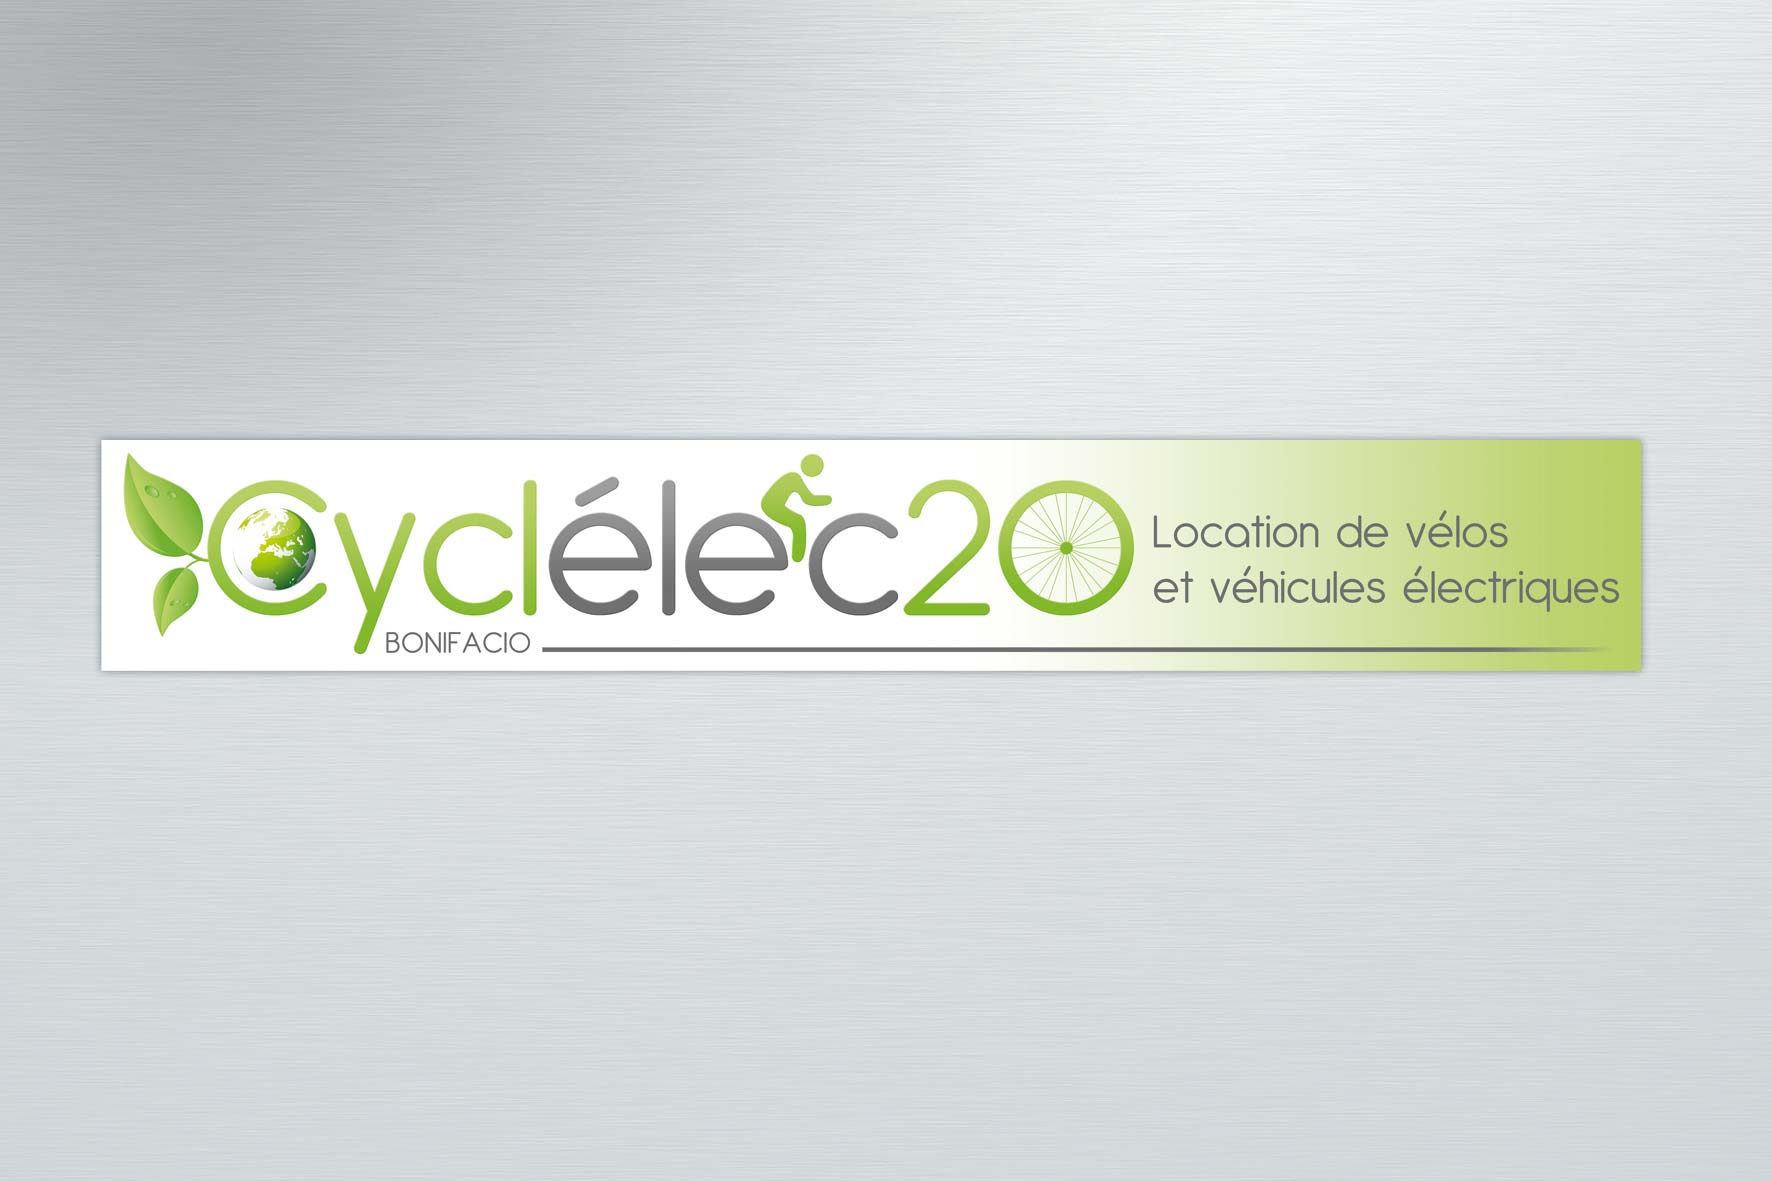 Cyclélec 20